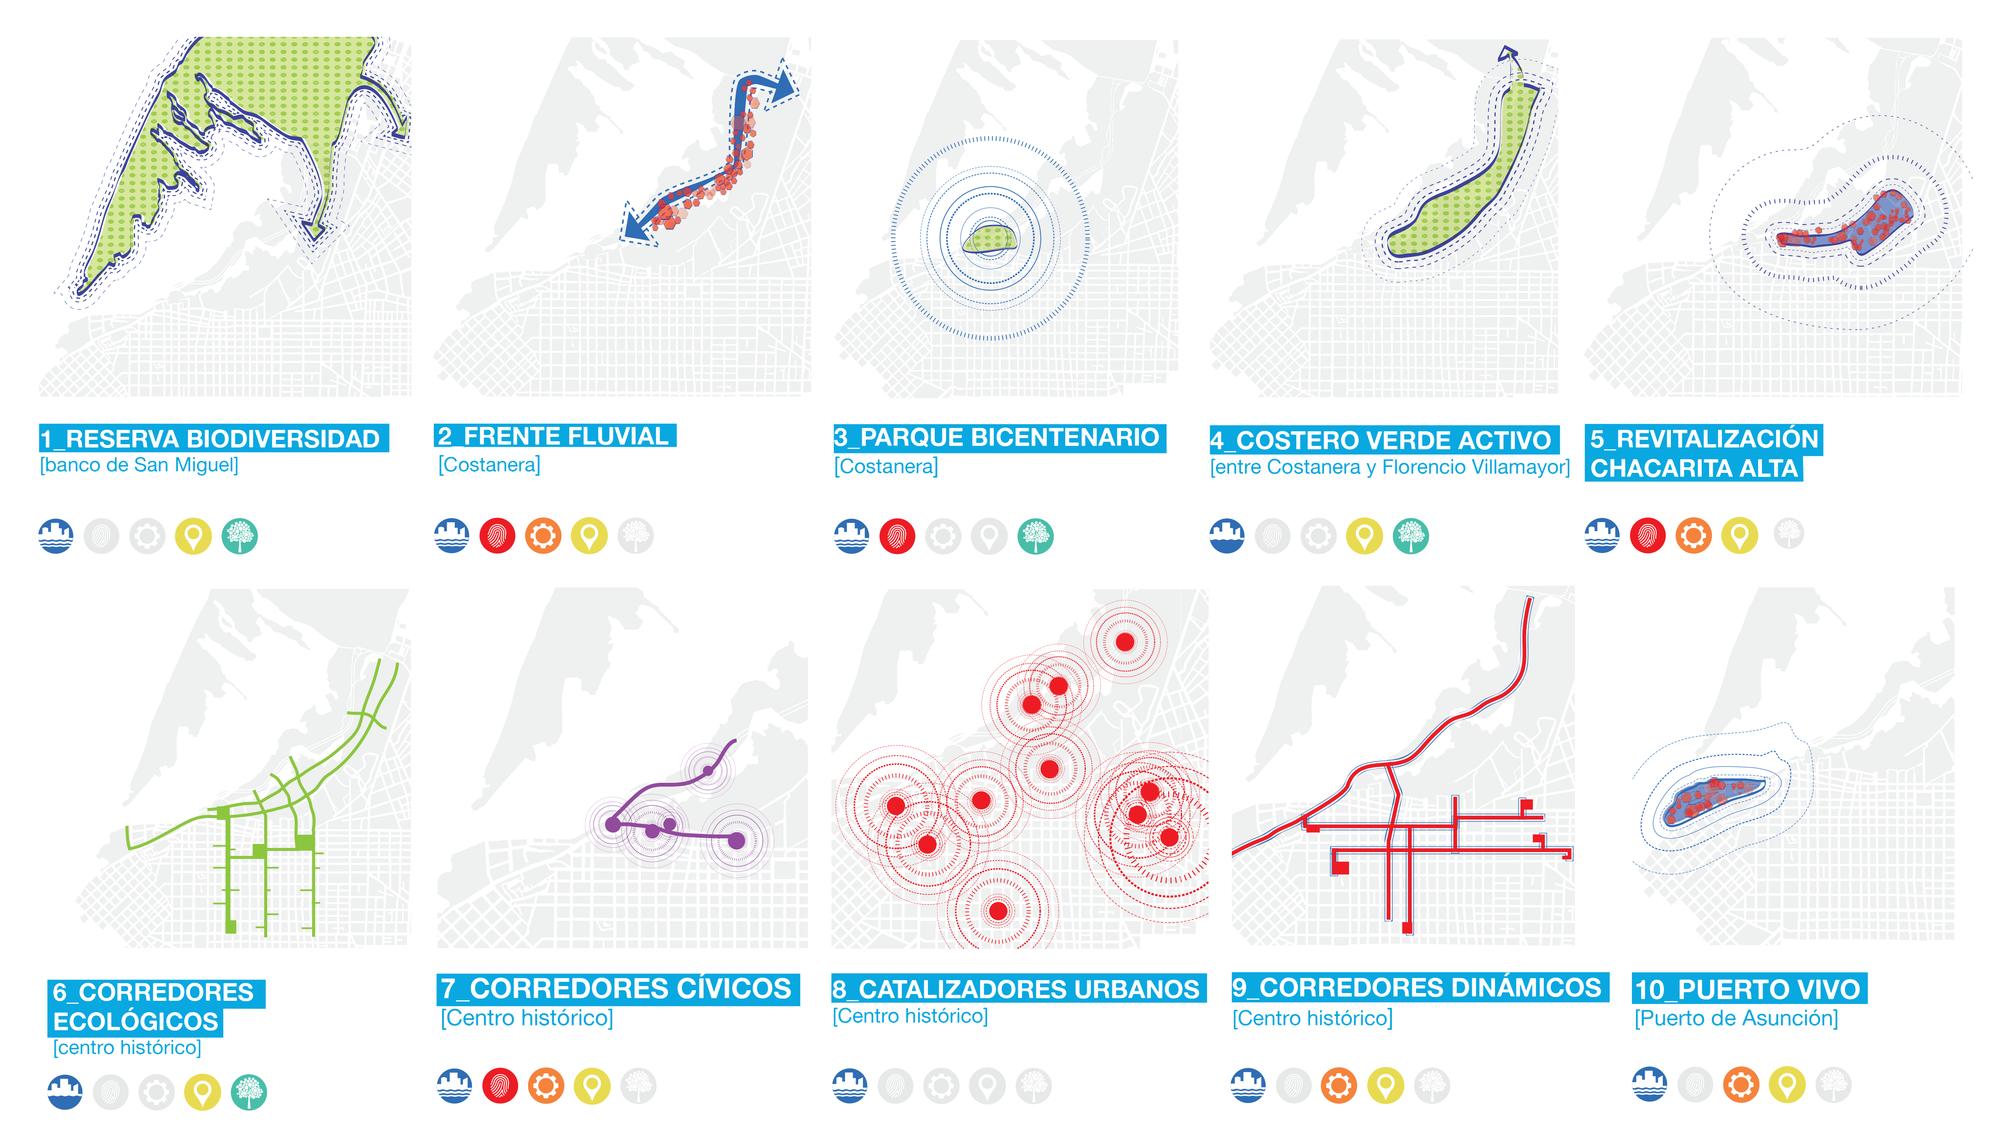 Estrategias de intervención a gran escala para articular el desarrollo del Centro Histórico.. Image © Ecosistema Urbano